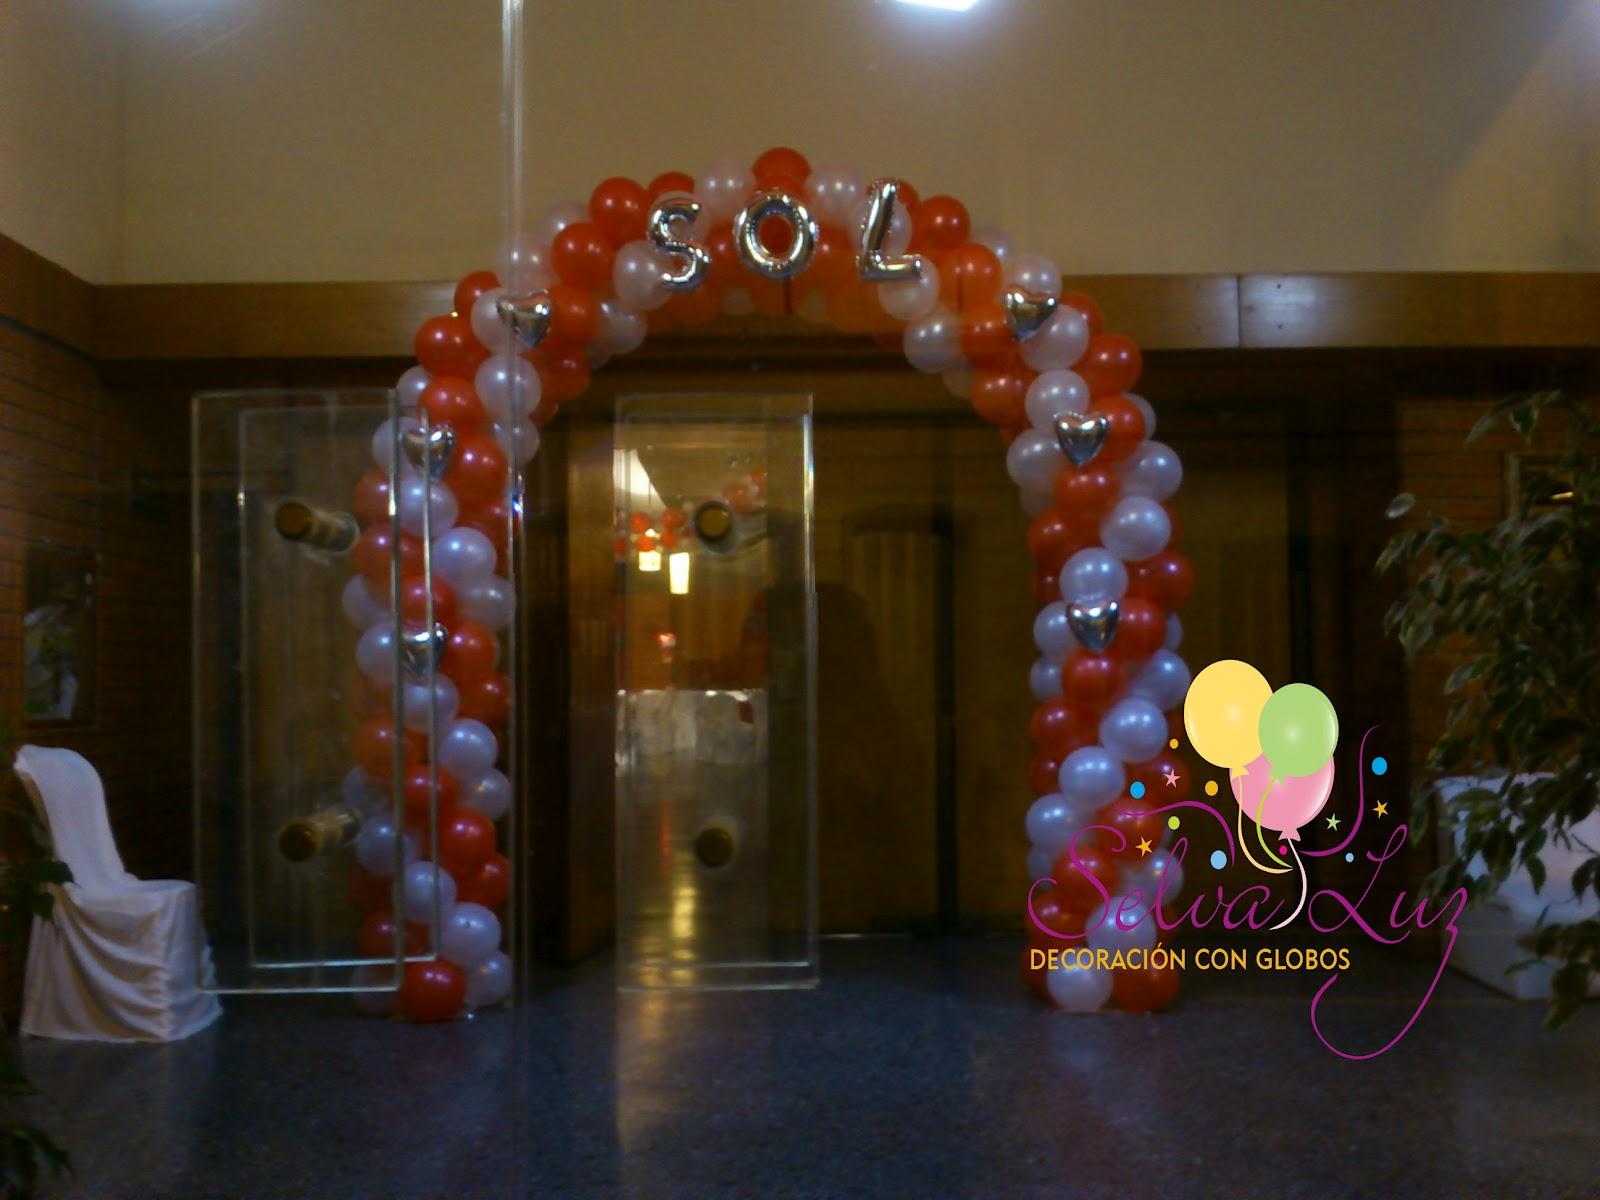 Selva luz decoraci n con globos buenos aires argentina for Decoracion de 15 anos con globos